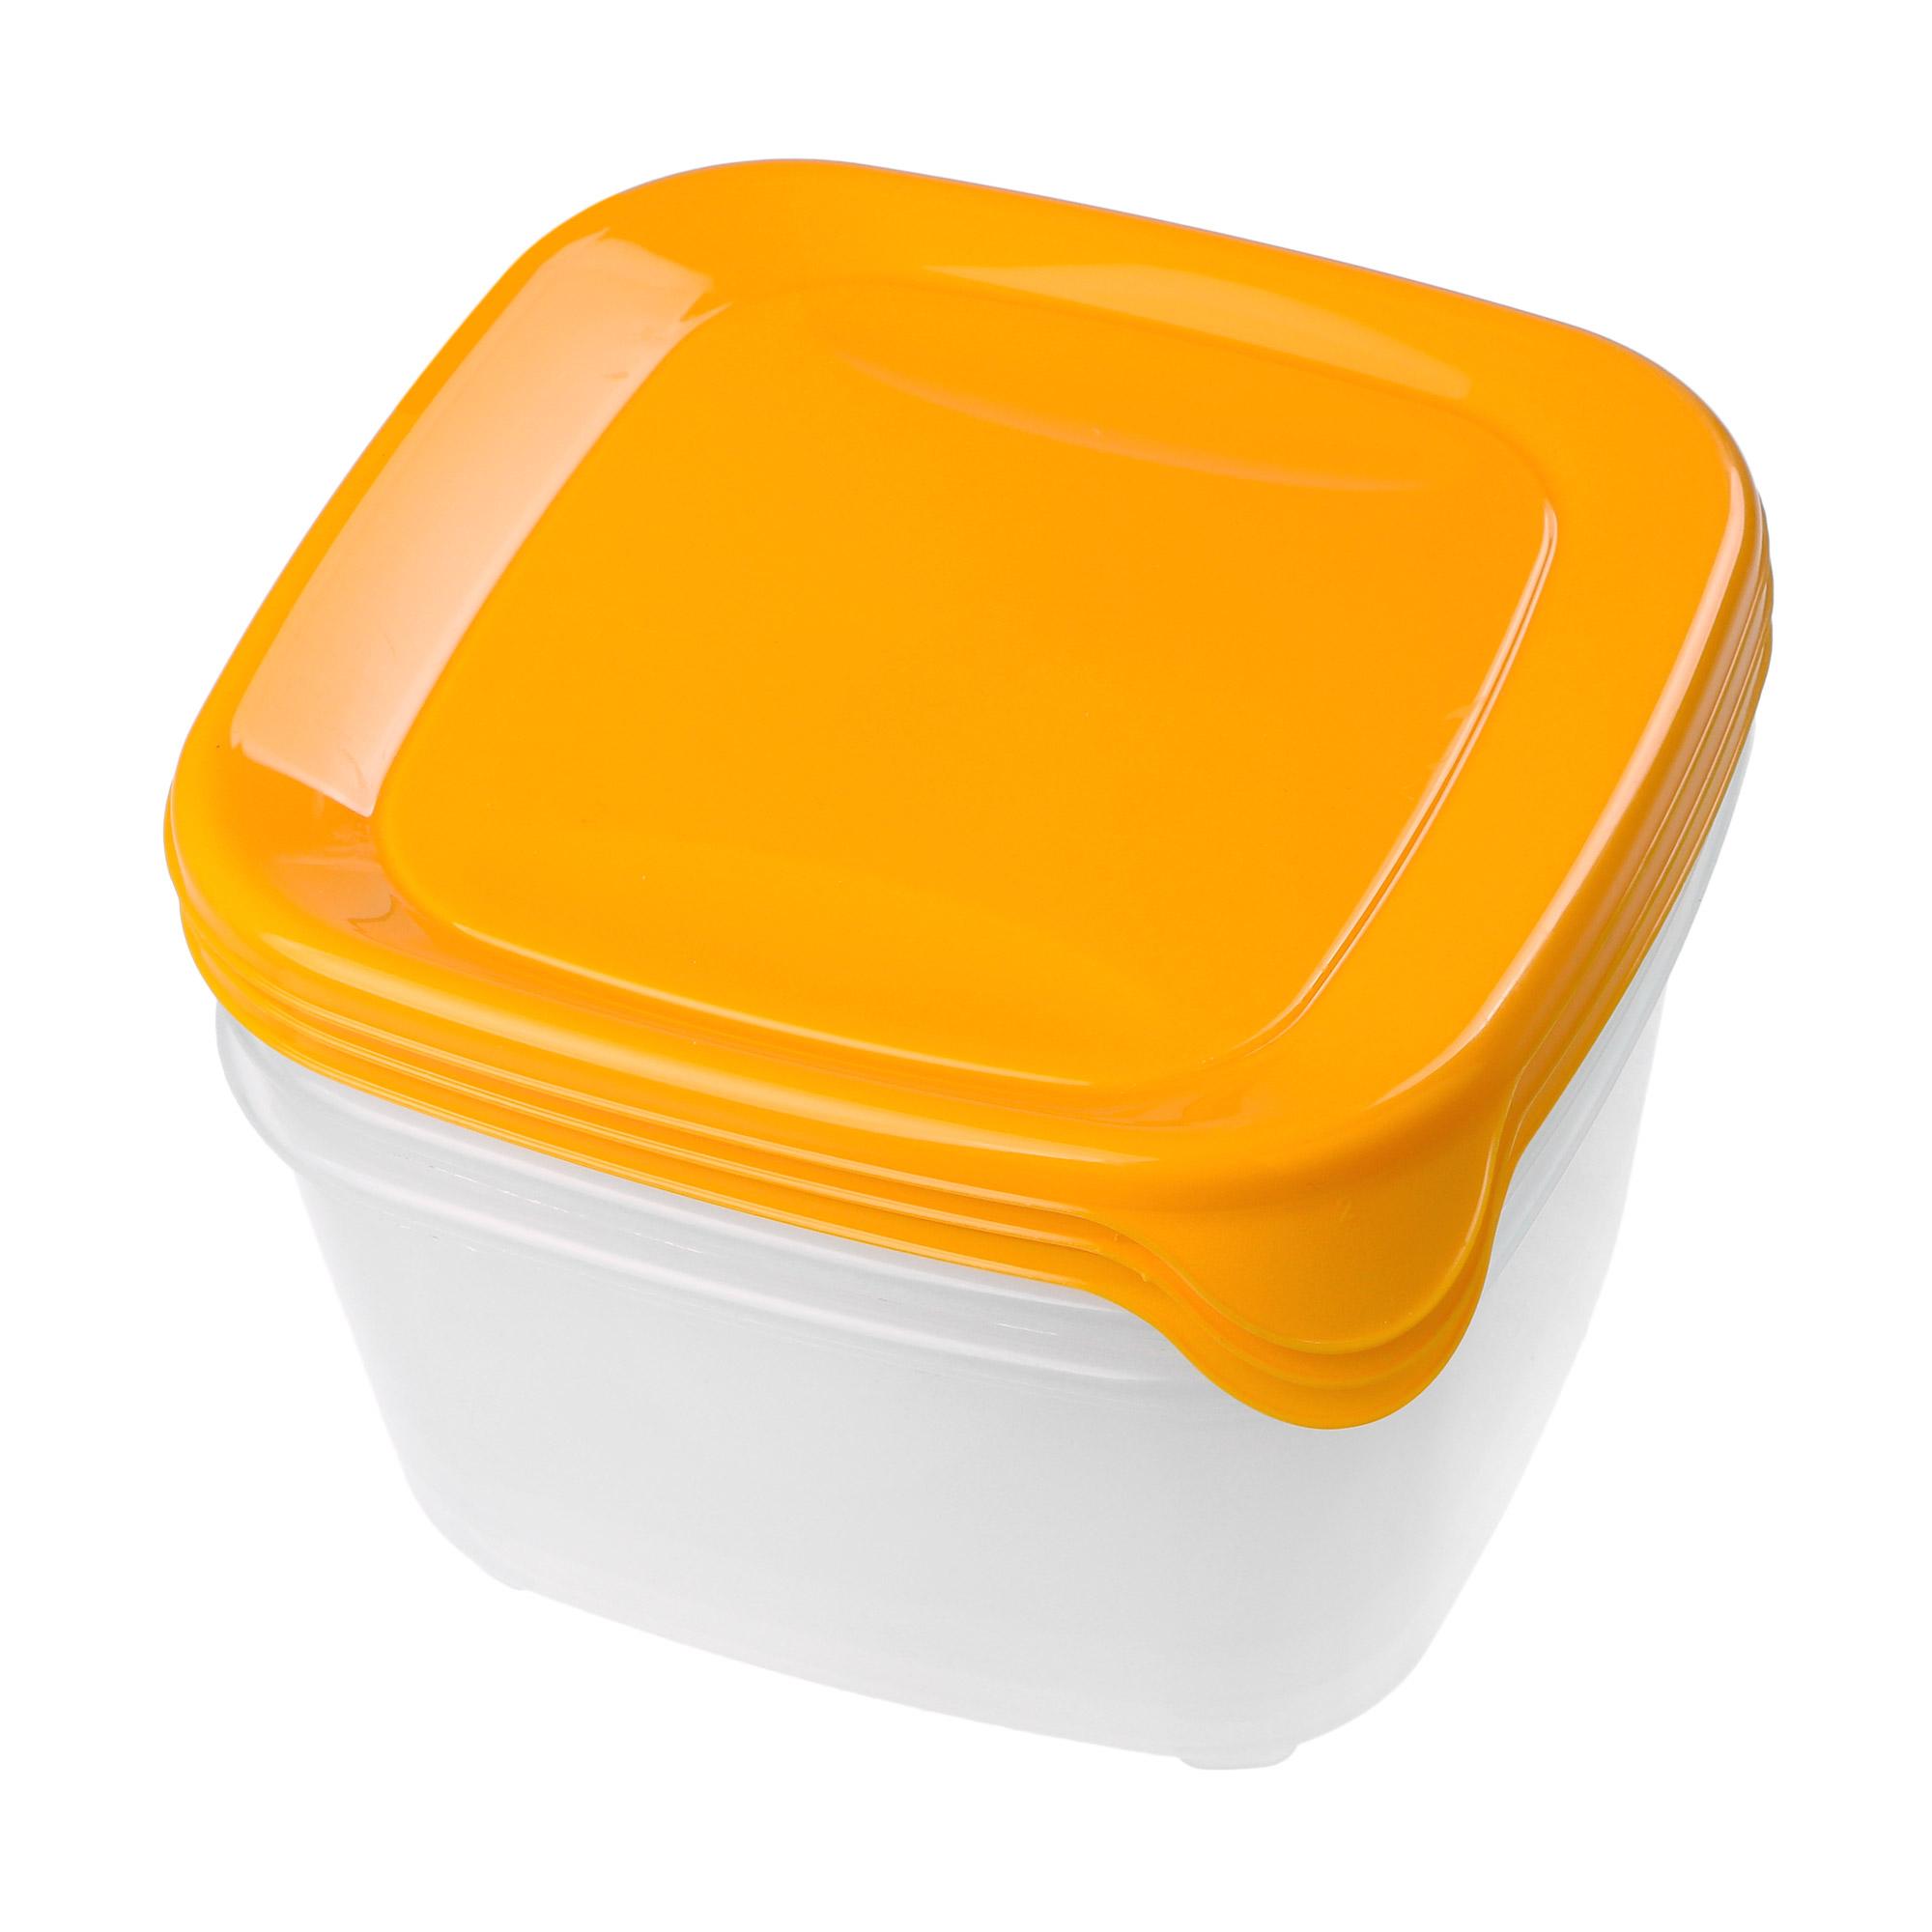 Купить Набор контейнеров для свч Curver fresh&go желтый 3шт 1, 2л, Польша, желтый, прозрачный, пластик